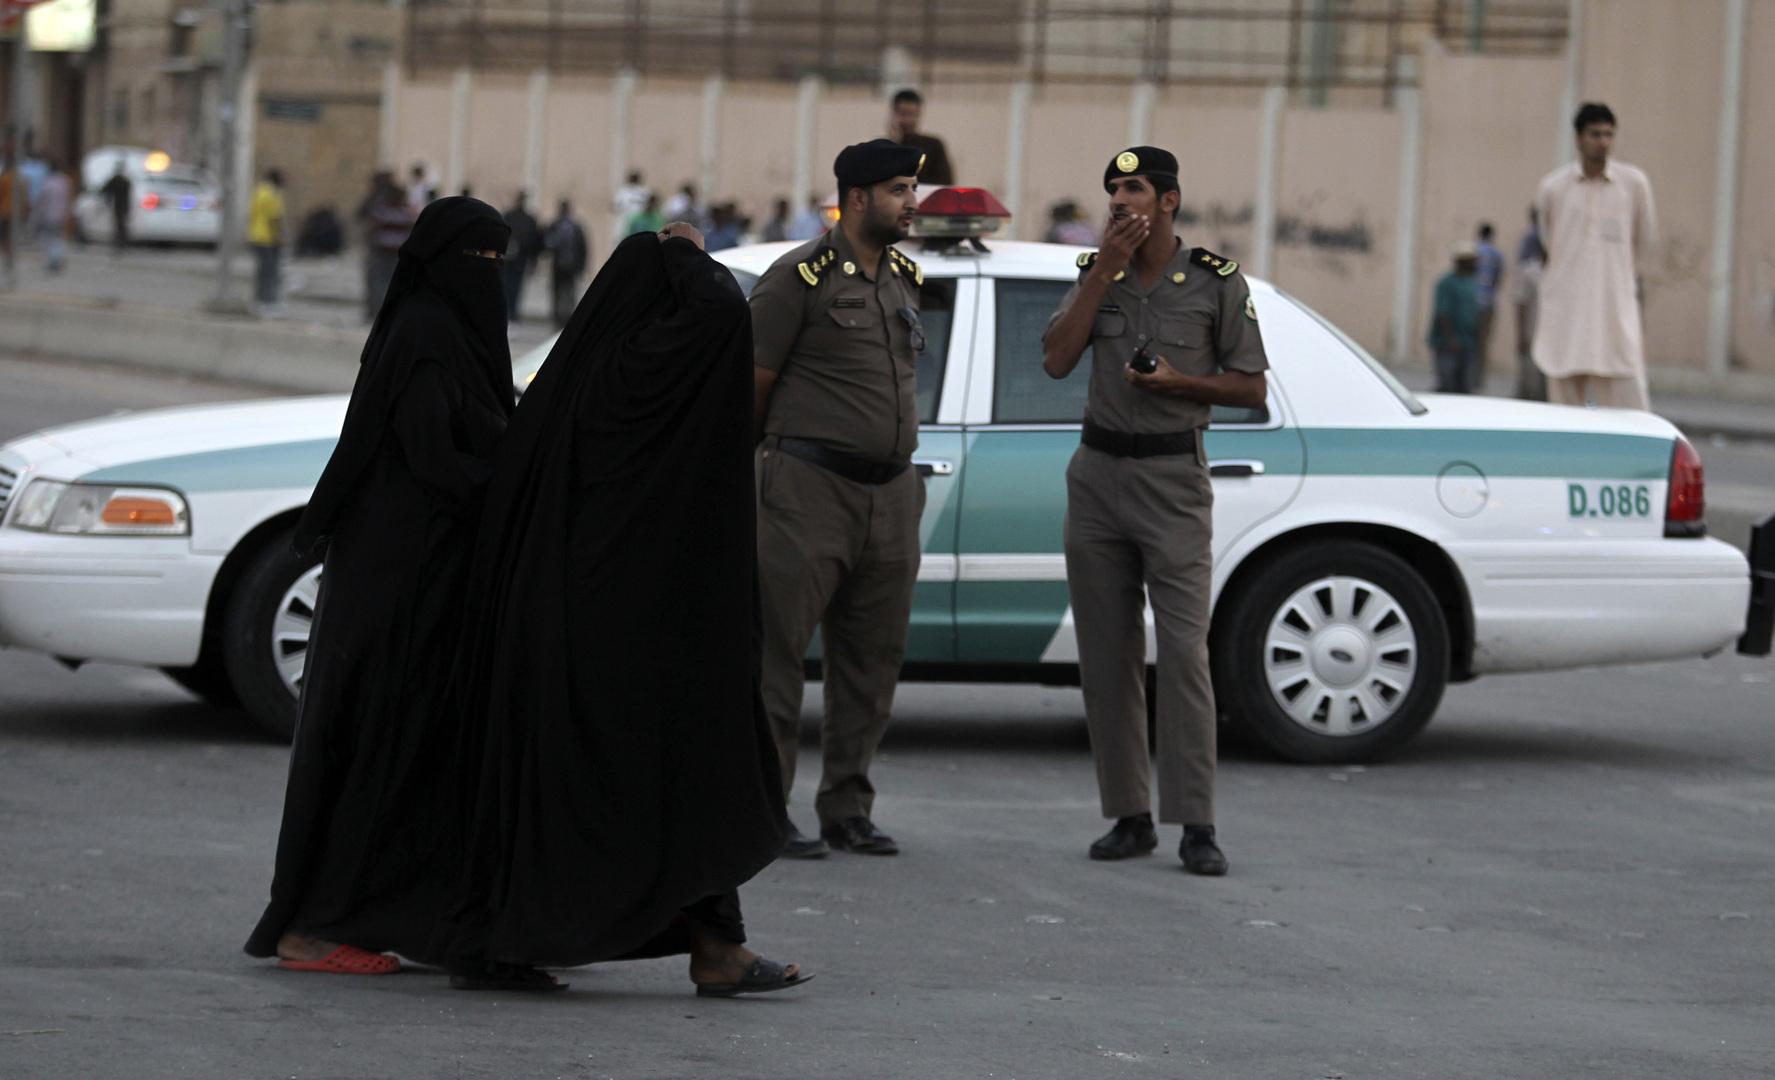 بعد تداول مقطع فيديو يظهر ضرب مقيمين.. السلطات السعودية توضح وتحذر